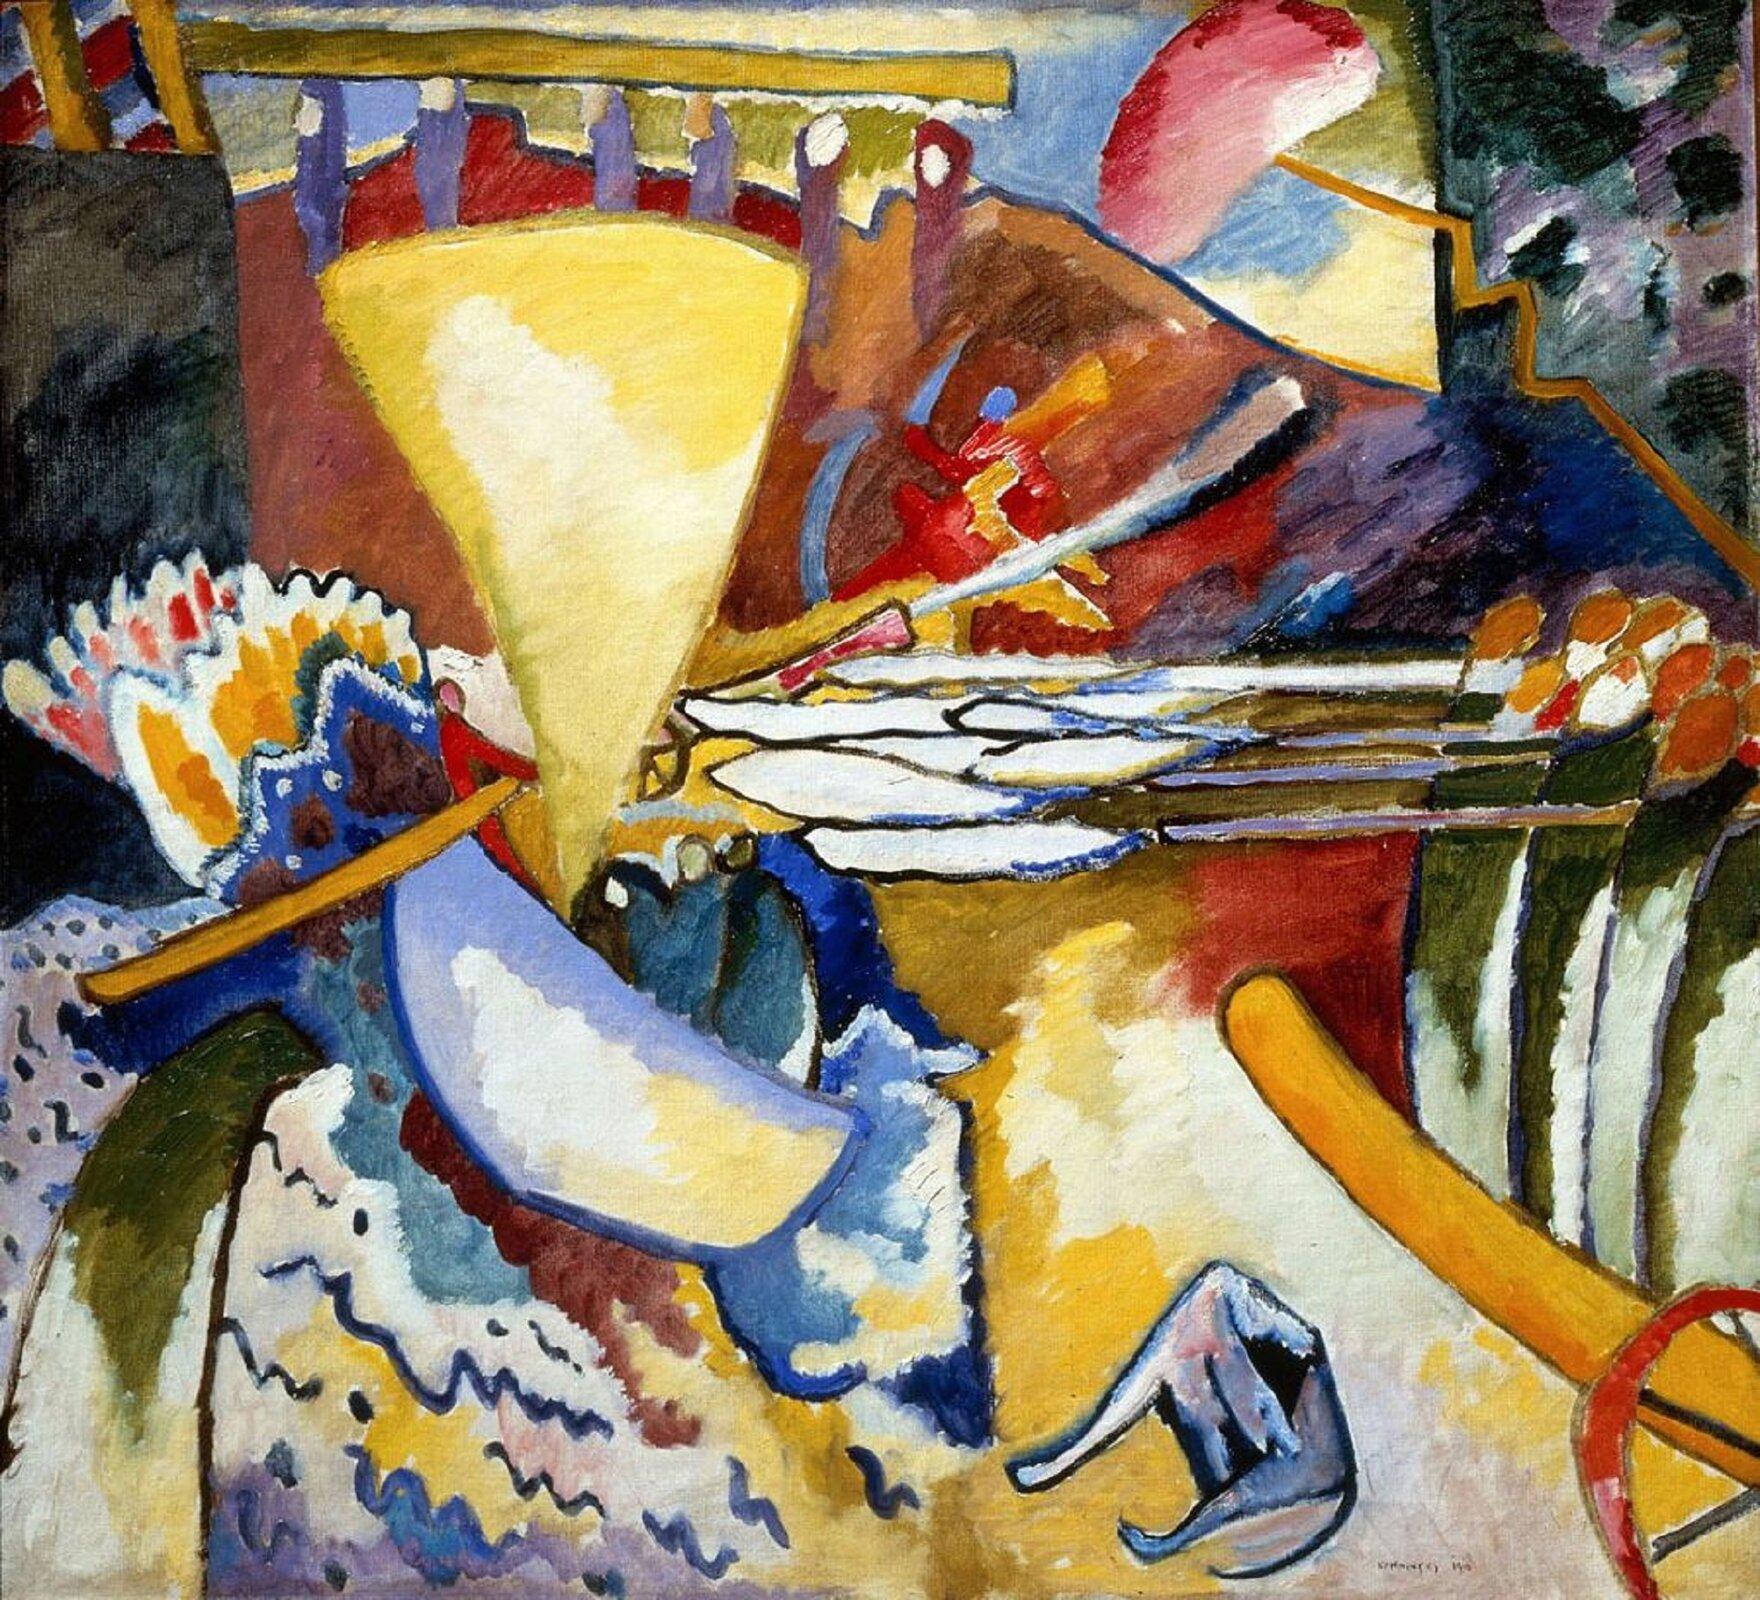 """Ilustracja przedstawia obraz olejny """"Improwizacja"""" autorstwa Wassila Kandinskyego. Abstrakcyjna praca skomponowana jest zdynamicznie ułożonych plam barwnych ielementów graficznych. Układ płaszczyzn pozbawionego przedmiotowości obrazu mimowolnie przywodzi na myśl pejzaż. Dolna prawa część kompozycji zdużą beżowo-żółtą plamą, podłużnymi zielono-białymi kształtami zakończonymi czerwonymi plamkami oraz zkołem wrogu iniebieską, powyginaną plamą pośrodku przywodzą na myśl piaszczystą drogę zzaroślami zboku iniebieskim, liżącym swoją nogę psem. Niebiesko-żółto-biały czworobok, nad którym zawisł żółty trójkąt na tle niebieskich pofalowanych linii po lewej stronie kompozycji przypomina łódkę zżółtym żaglem unoszącą się na wodzie. Ugóry namalowany został duży czerwono-brązowy kształt przypominający górę. Po obu jej stronach artysta namalował dwie ciemne, czarno-niebiesko-brązowe, prostokątne płaszczyzny, pomiędzy którymi zawisła na niebieskich podporach żółtawa kładka. Kompozycja malowana jest swobodnymi pociągnięciami pędzla. Jej elementy są niejednoznaczne. Artyście nie zależało na oddaniu rzeczywistości. Poprzez geometryzację iuproszczenie stworzył dynamiczną kompozycję. Dzieło utrzymane jest wszerokiej, ciepłej gamie barw."""